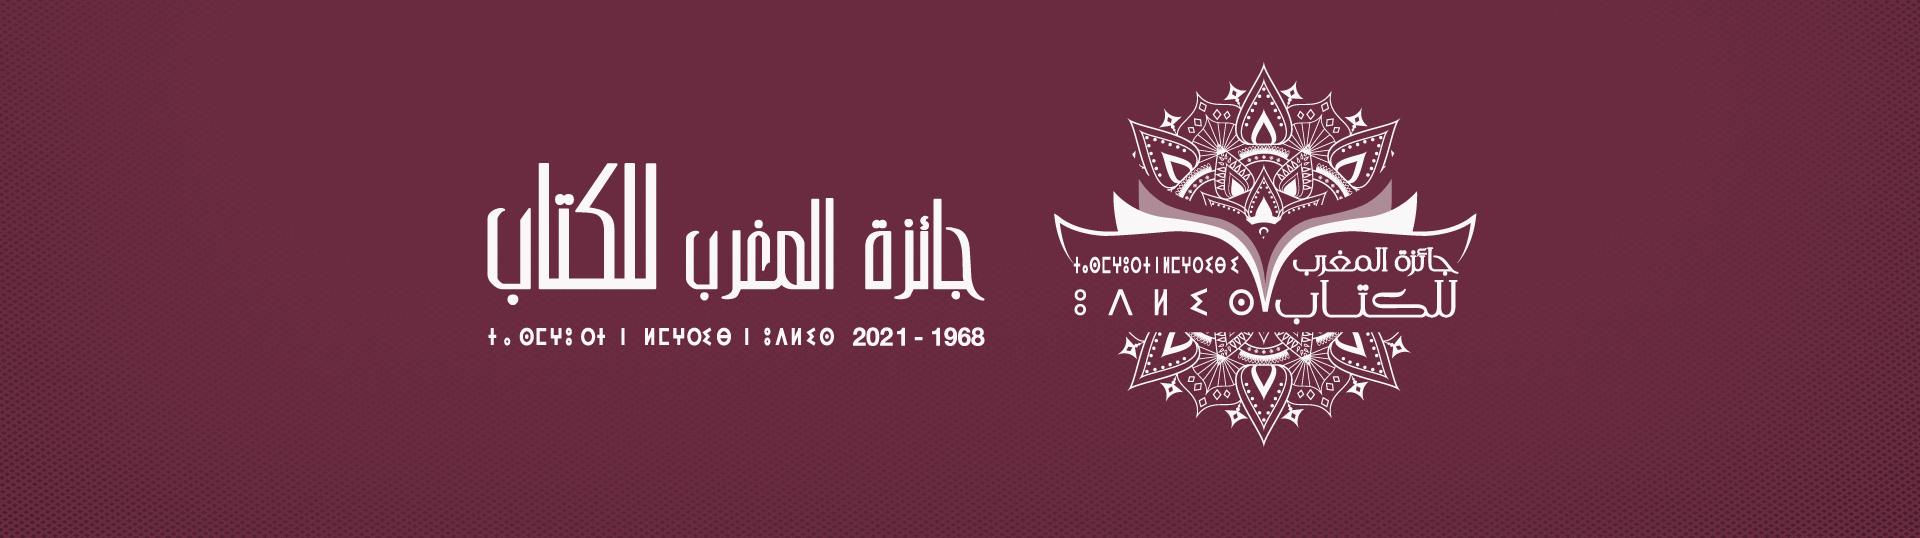 Prix du Maroc du Livre : La compétition est ouverte